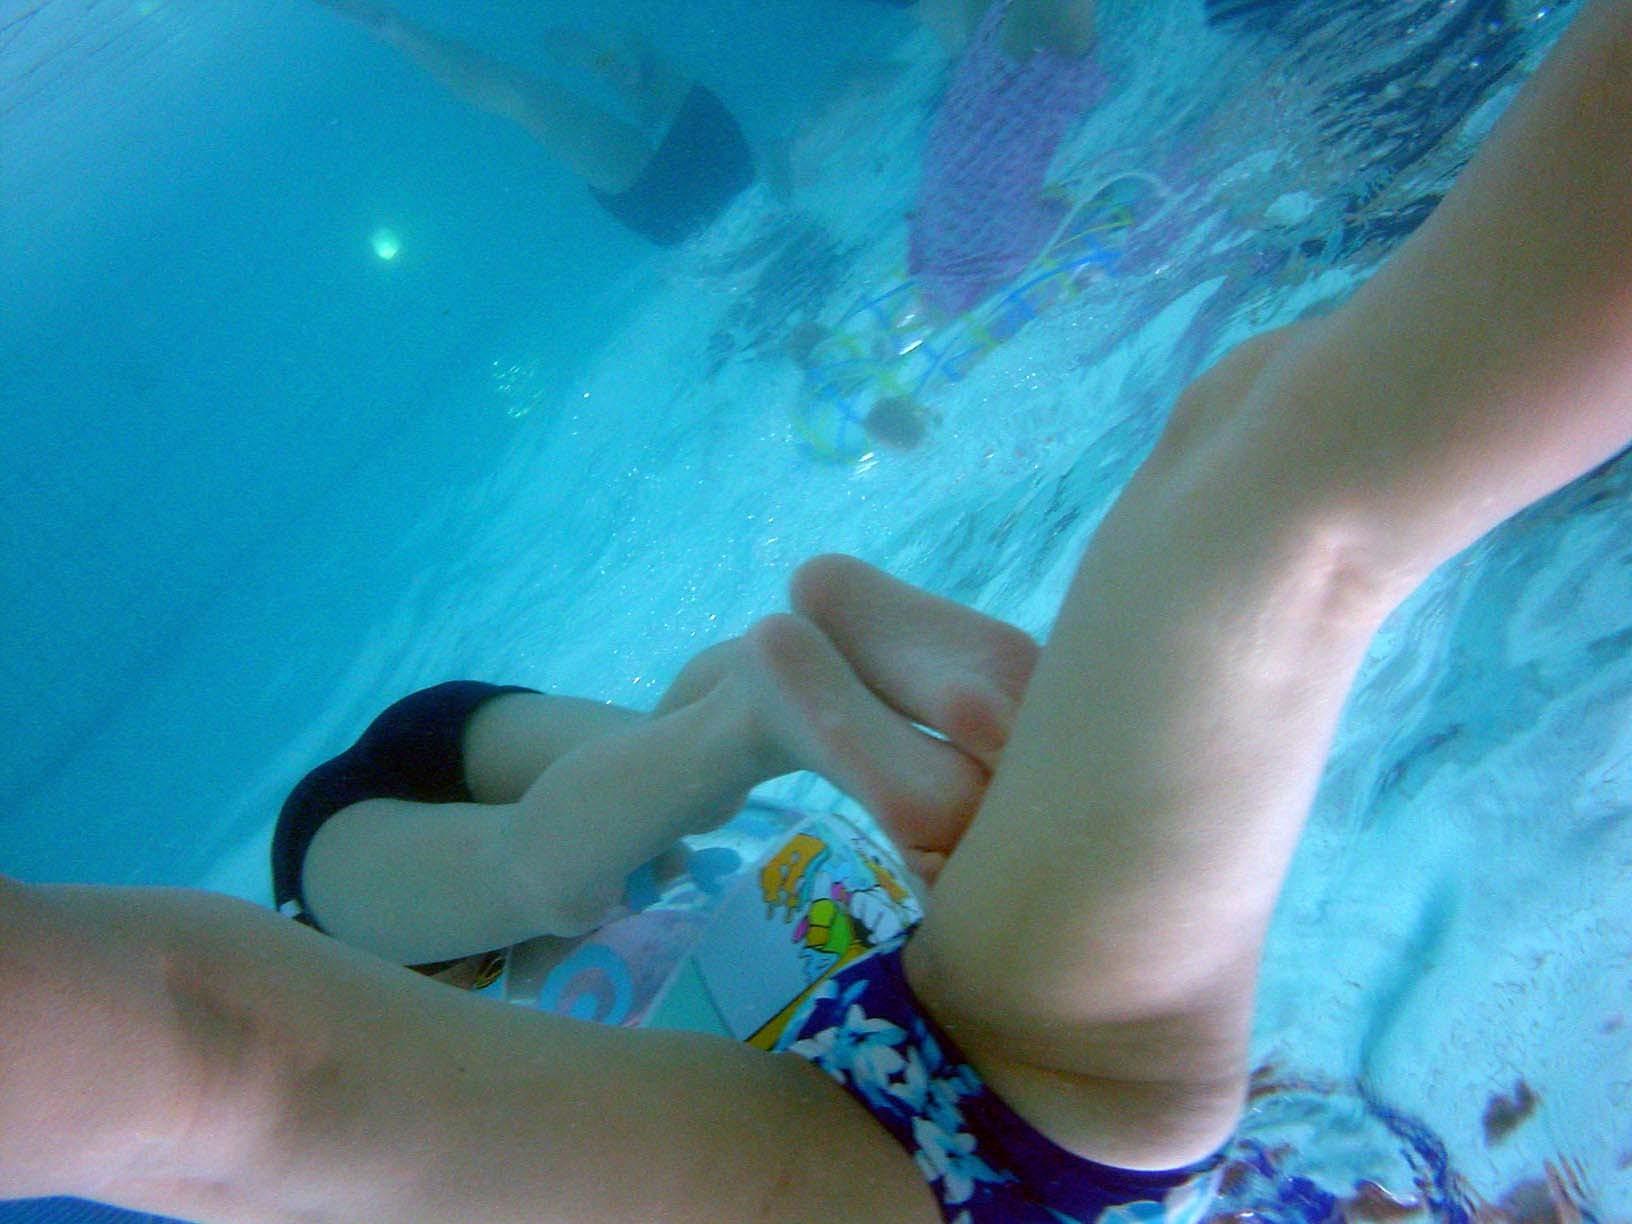 【水着エロ画像】水流に揉まれてますw水中で見た水着尻が神秘的すぎるwww 03